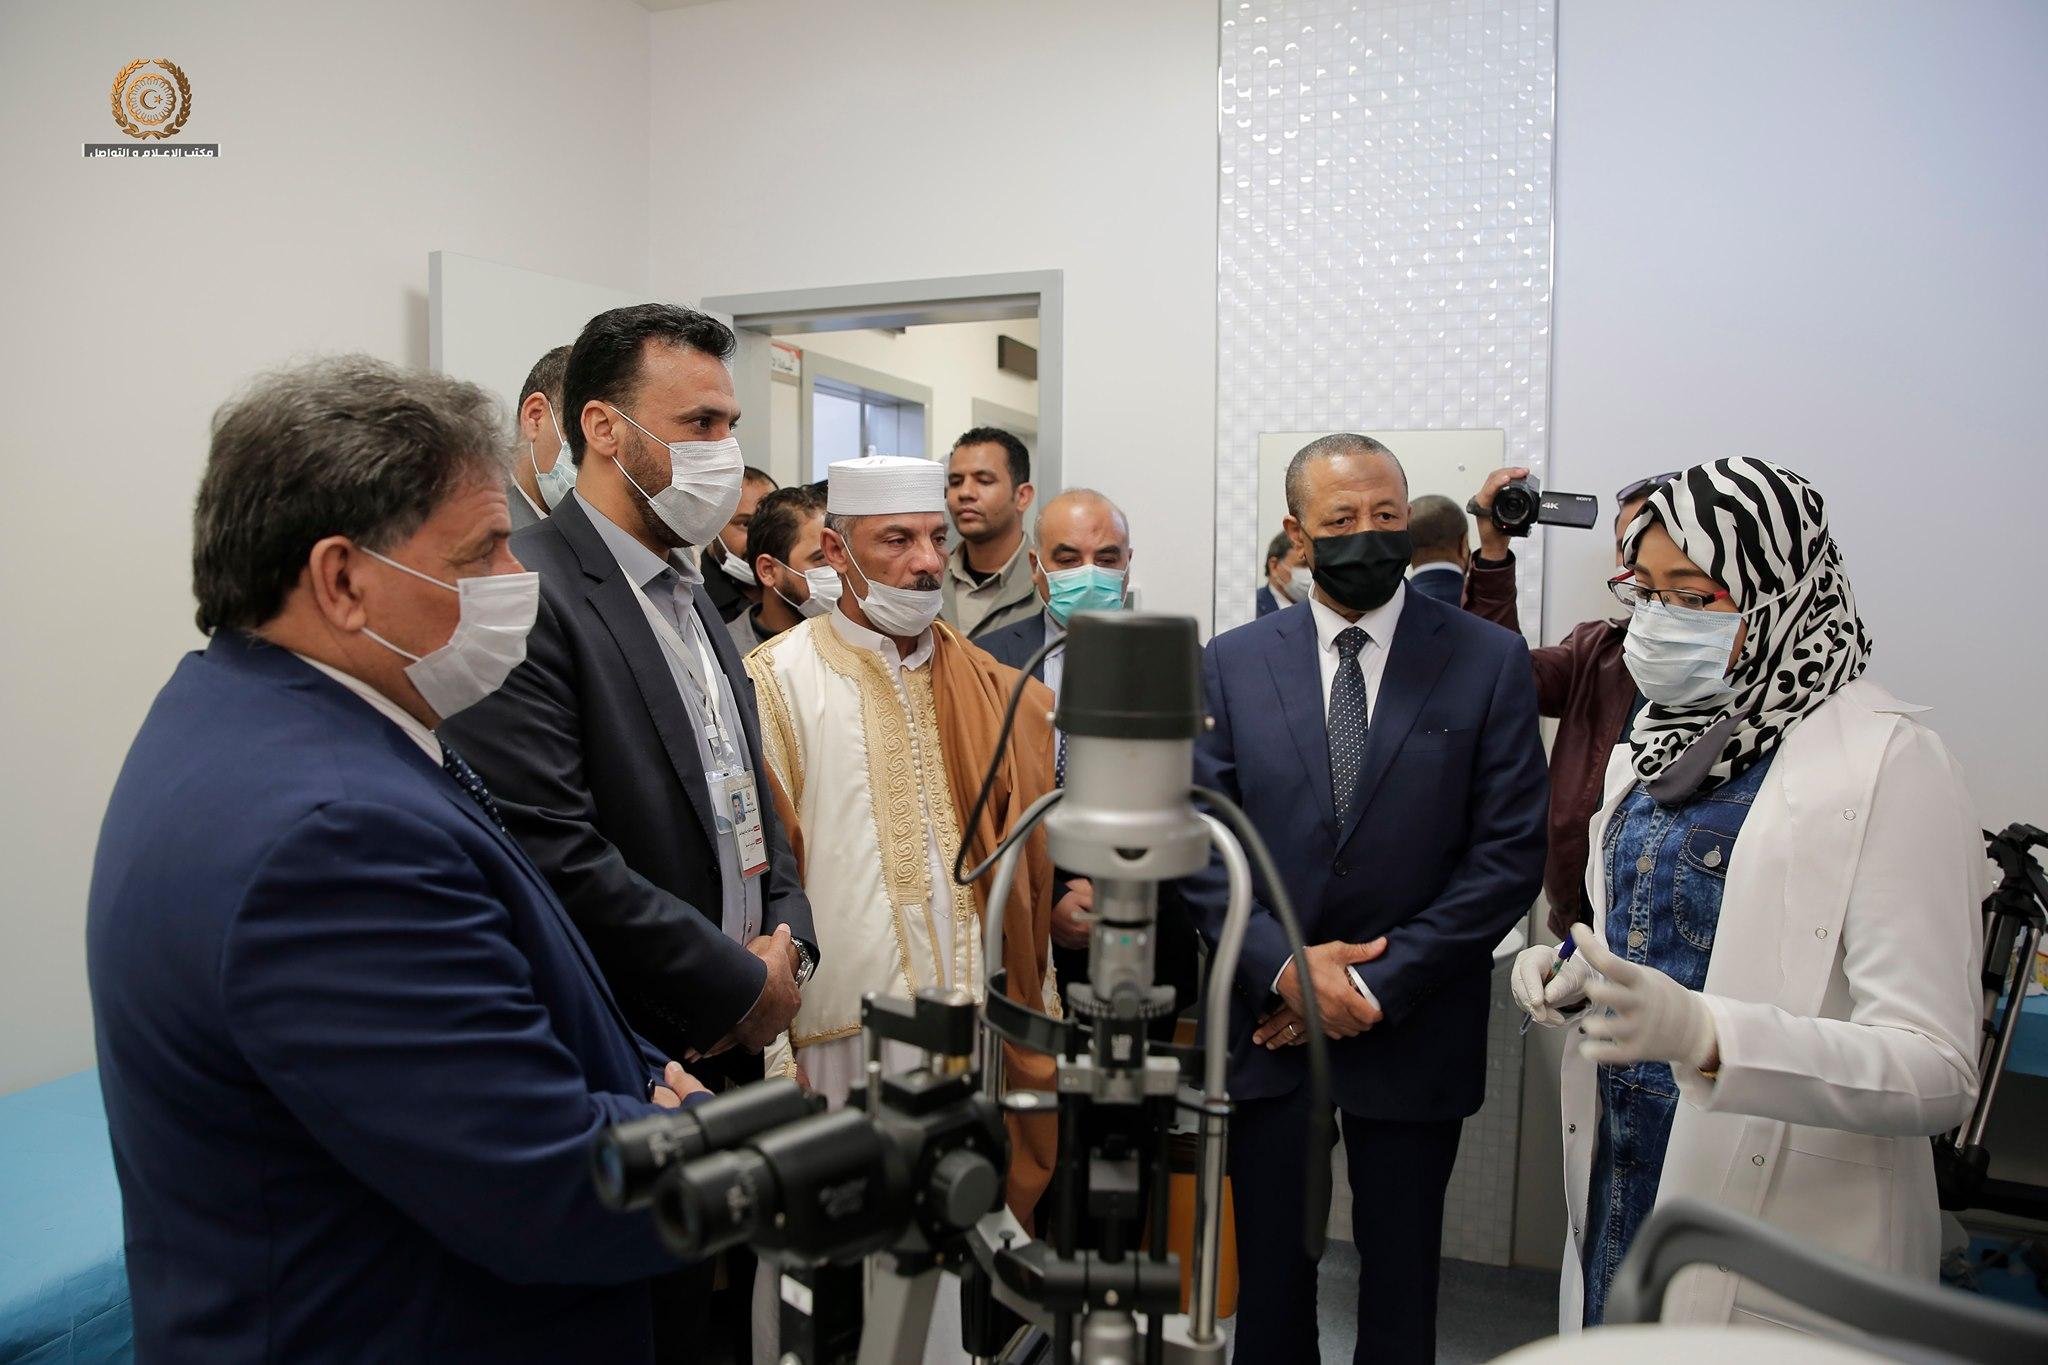 رئيس الحكومة الليبية عبدالله الثني وثلاثة وزراء منهم وزير الصحة سعد عقوب يفتتحون مستشفى البريقة العام بعد إنجاز أعمال الصيانة